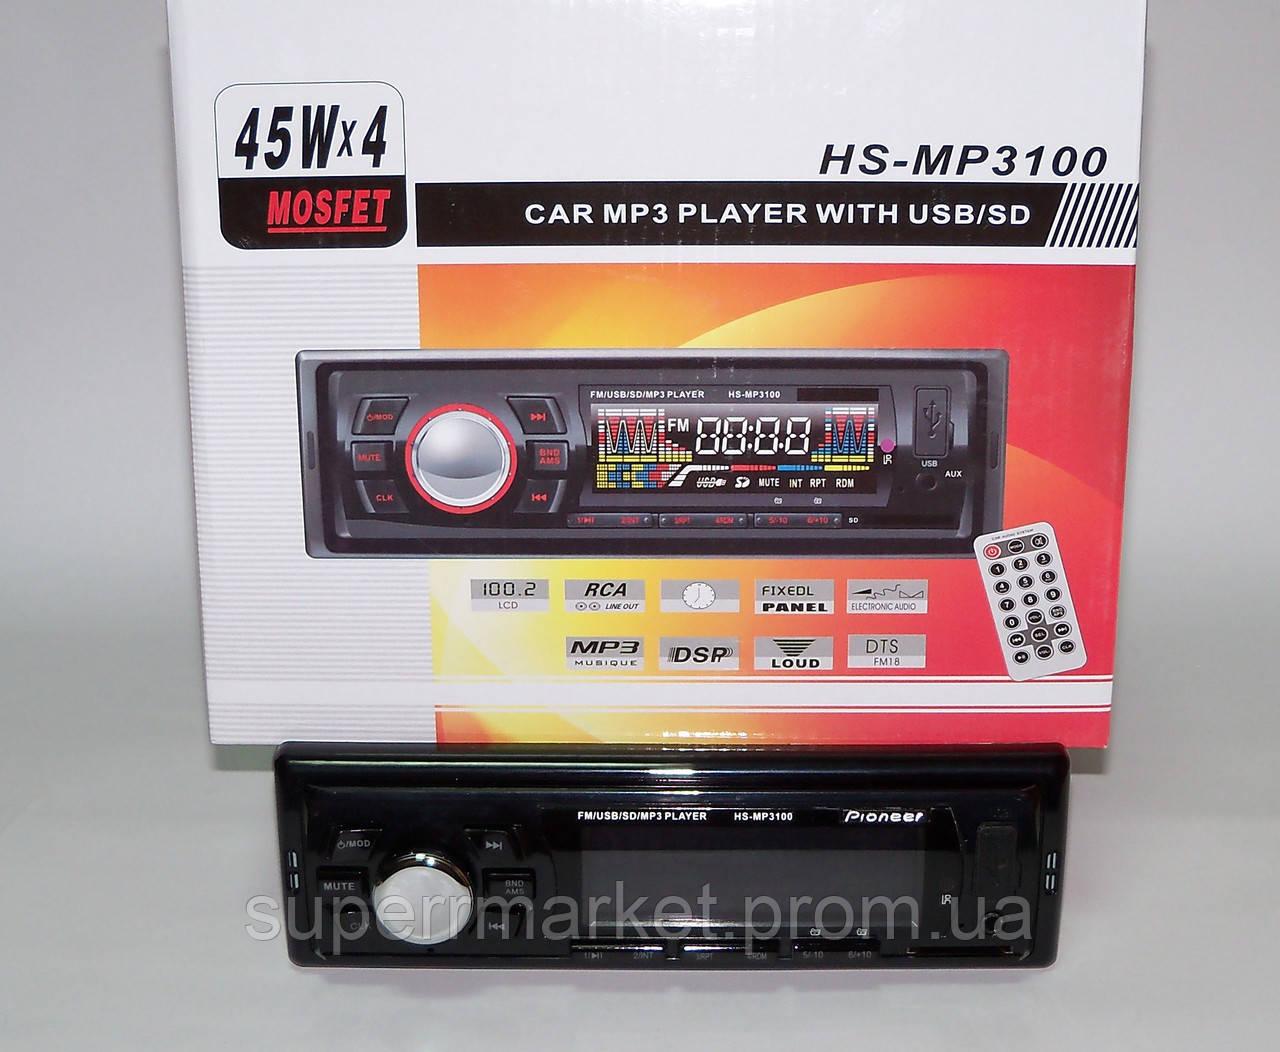 Автомагнитола MP3 в стиле Pioneer HS-MP3100 4x45W